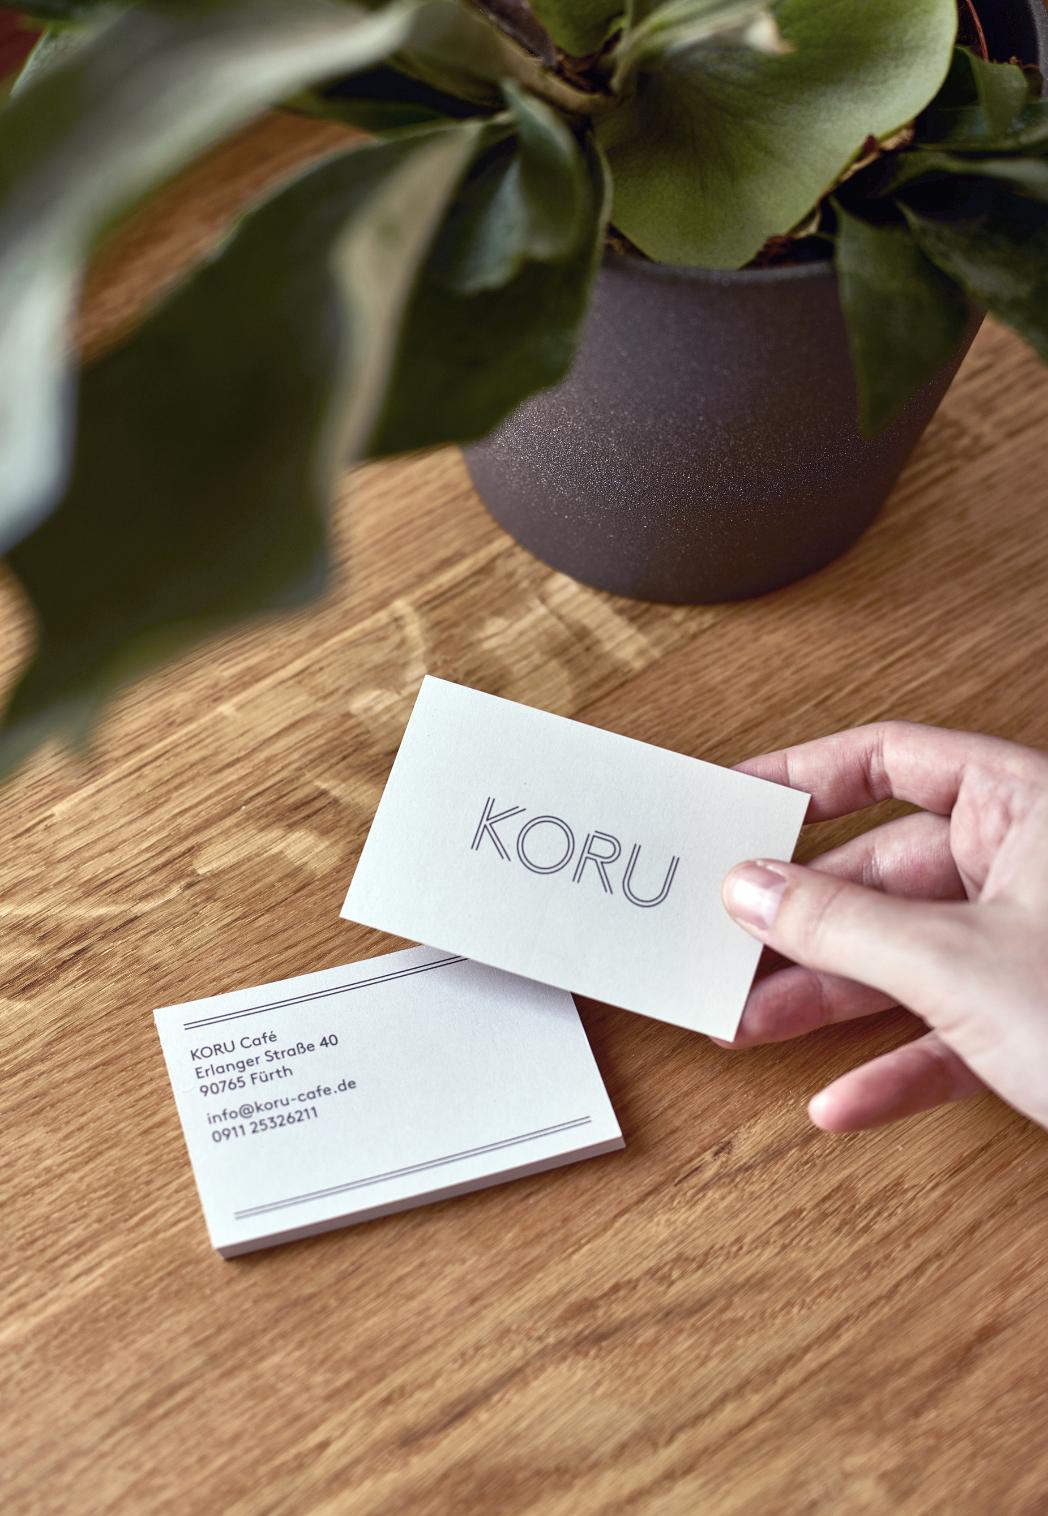 Studio-Verena-Hennig-Koru-Branding-6.png